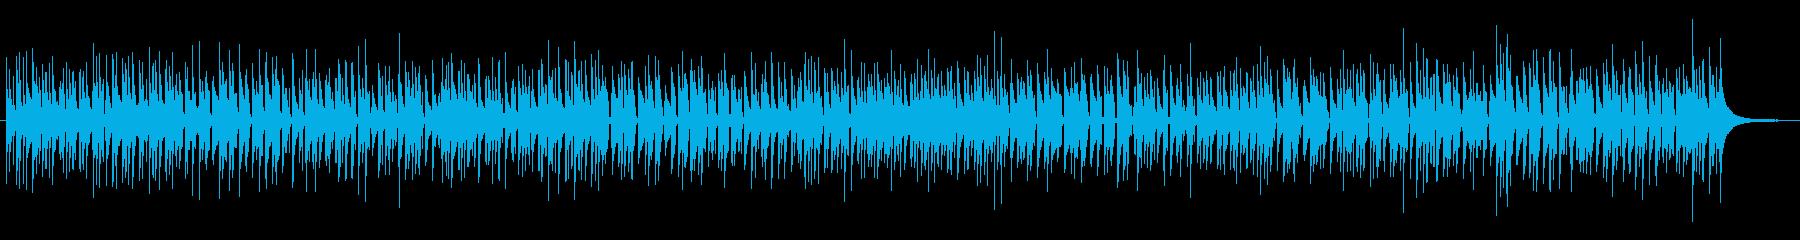 明るくほのぼのとしたウクレレの再生済みの波形